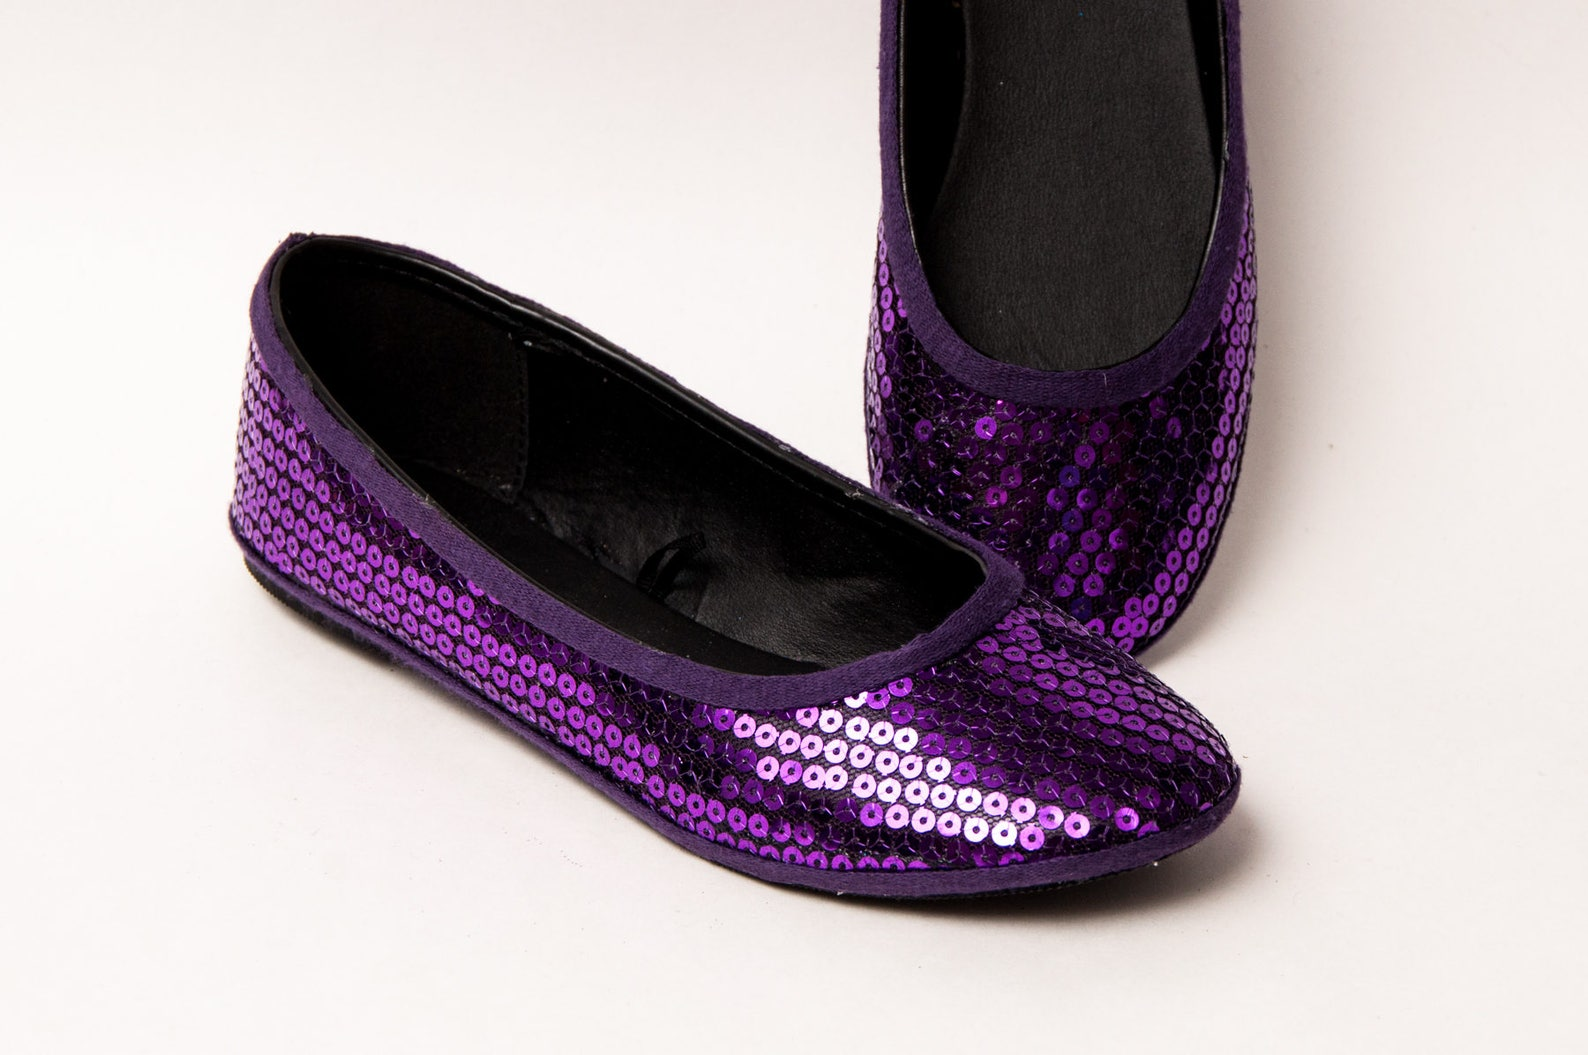 sequin - plum purple slipper ballet flats shoes by princess pumps